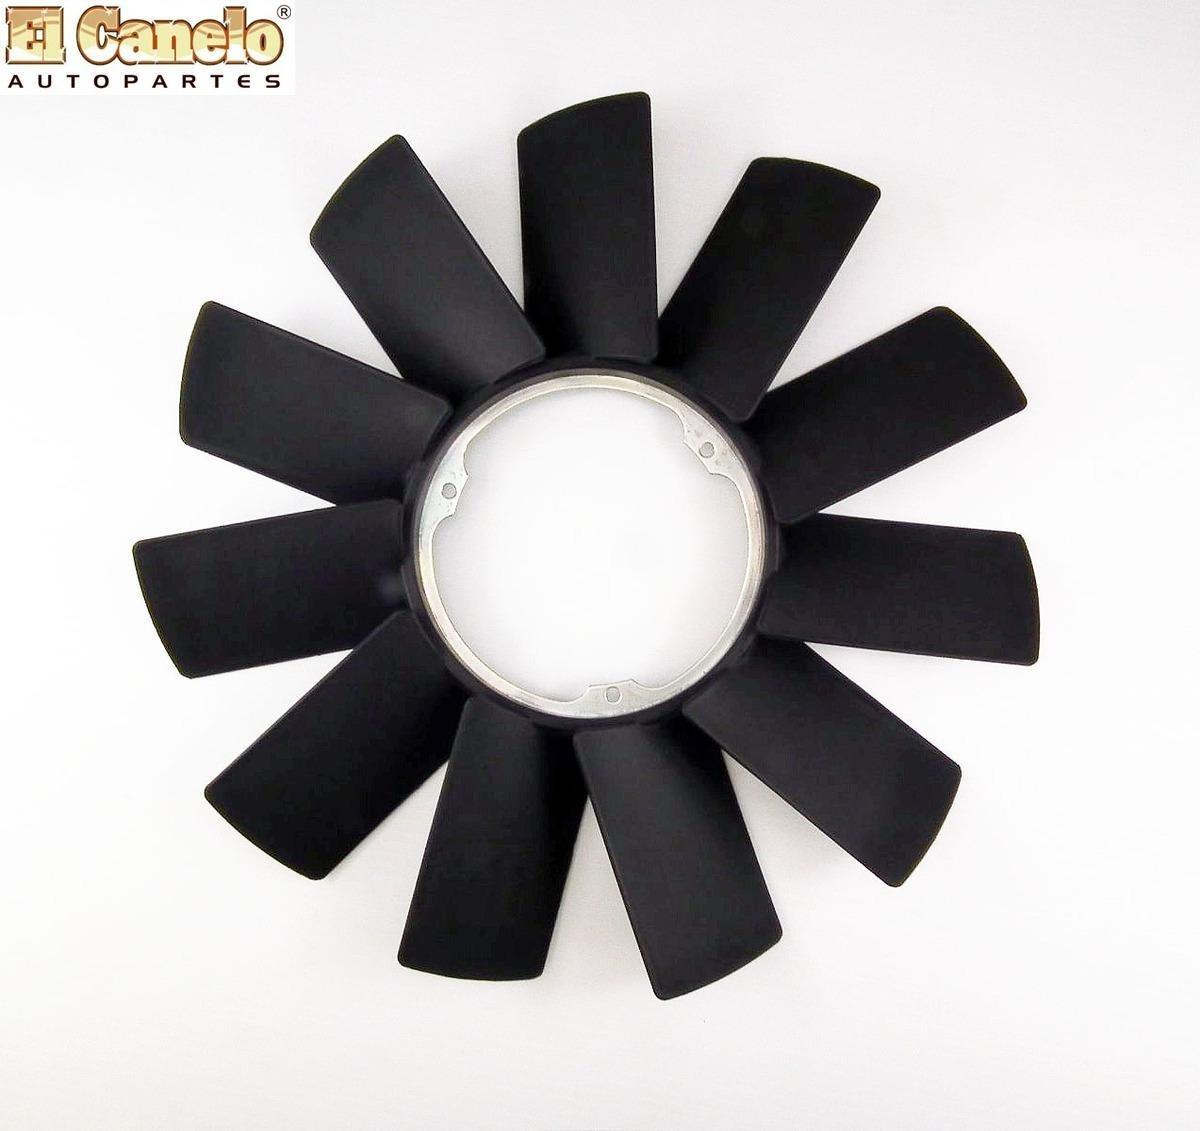 Aspas fan clutch ventilador bmw varios tipos - Aspas para ventiladores ...